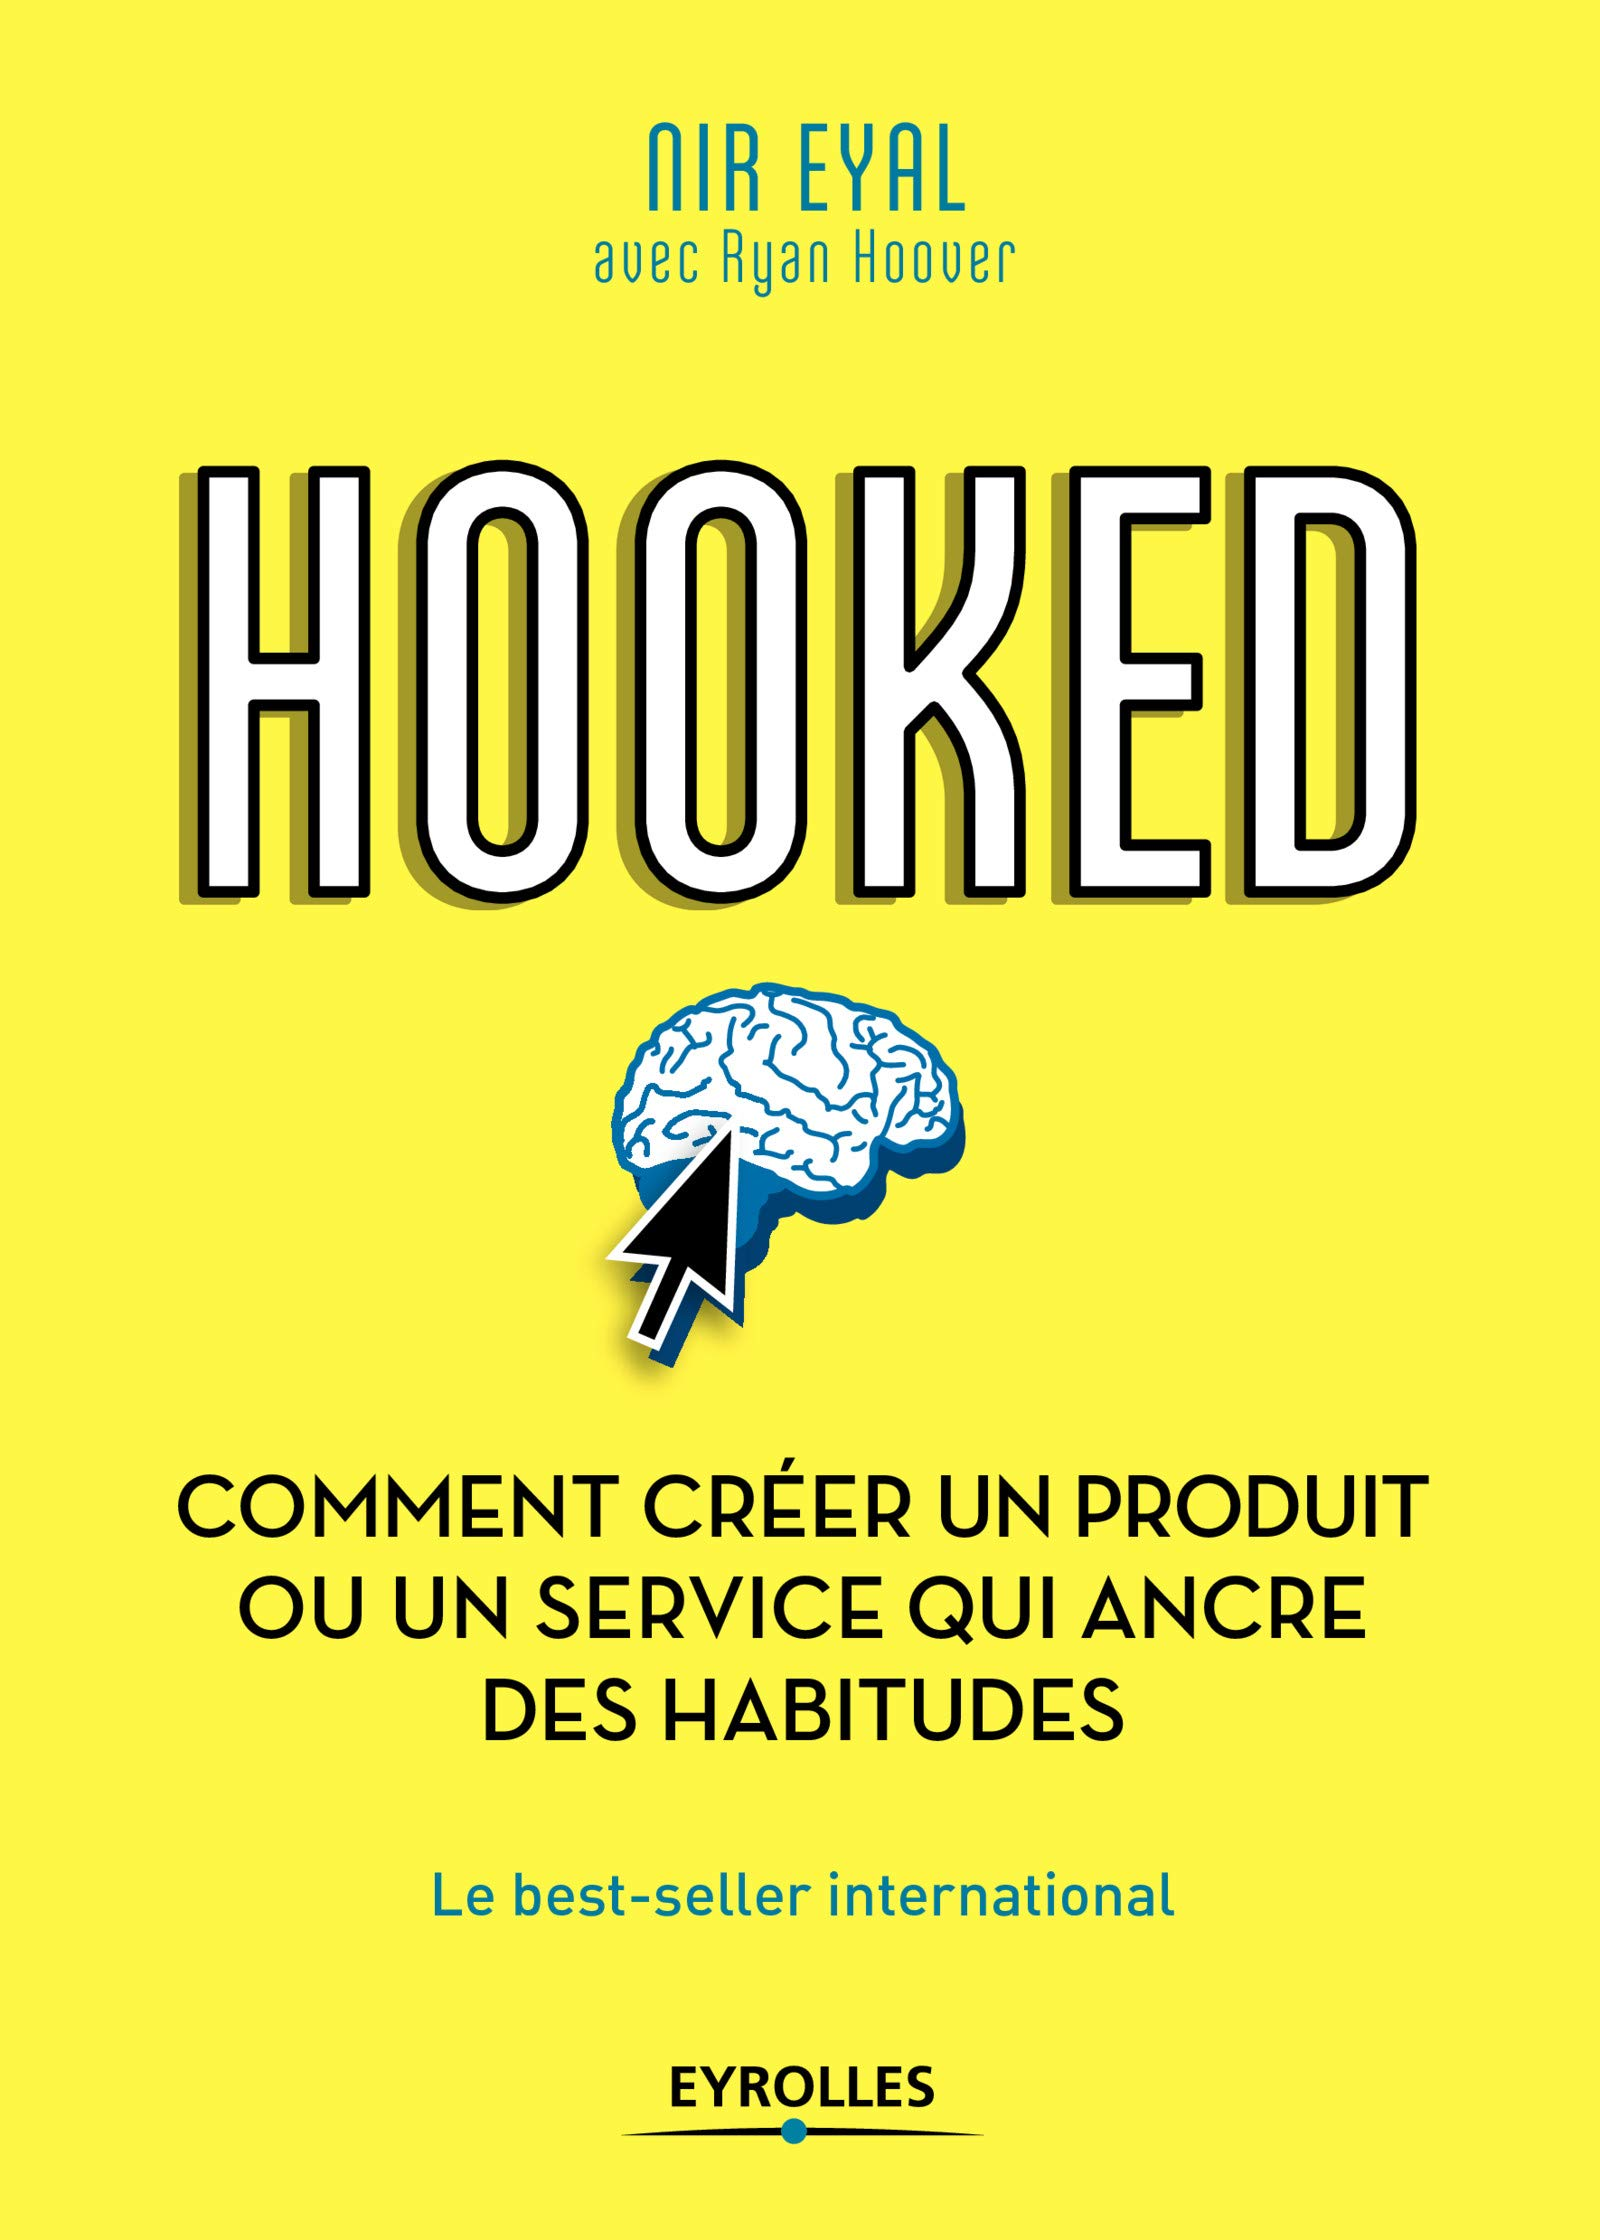 Livre Hooked, un cerveau avec une flèche de souri